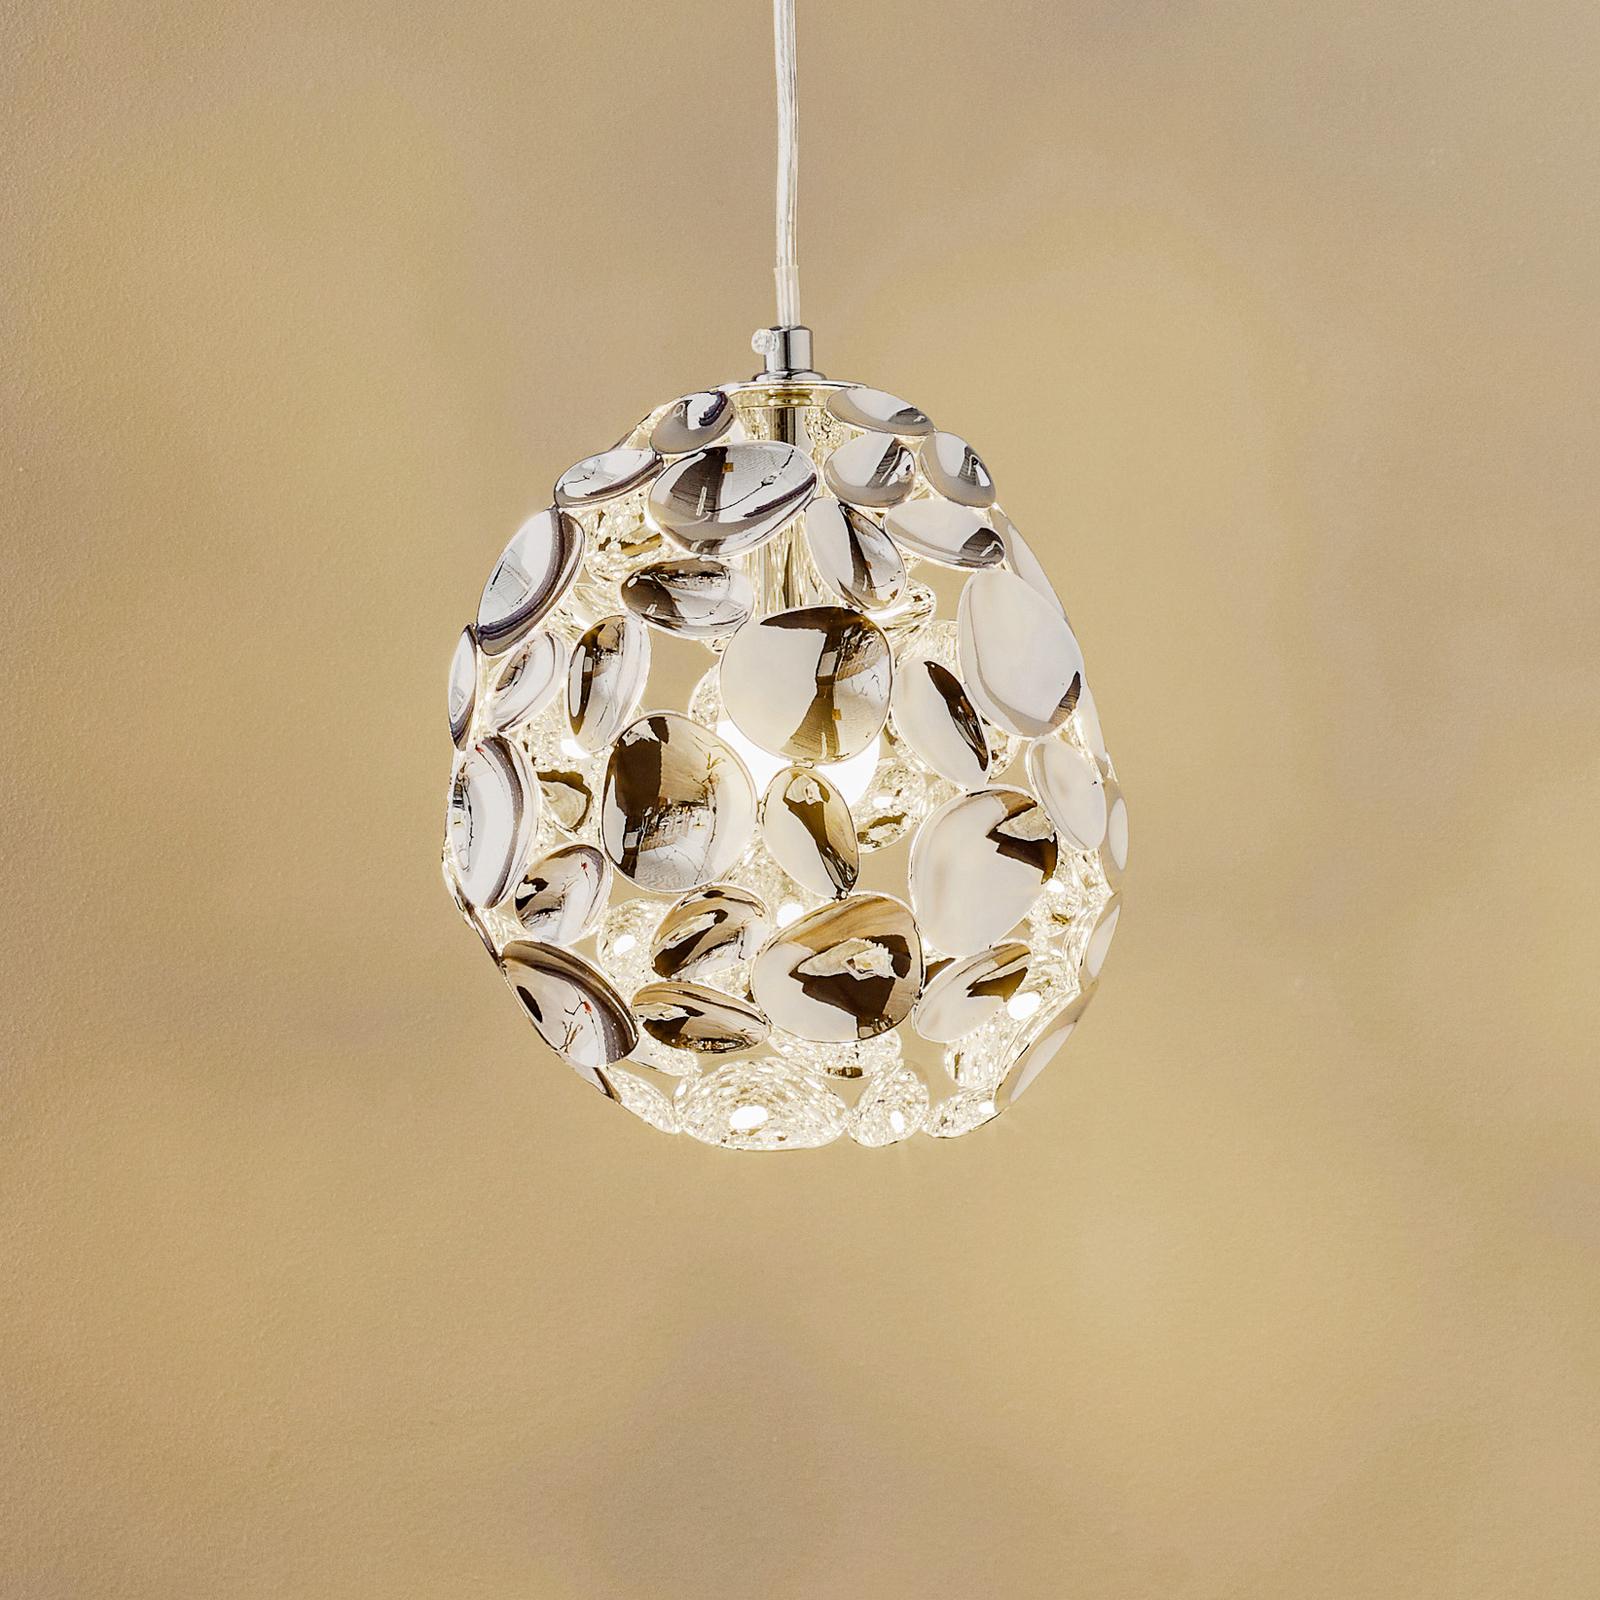 LED-Hängeleuchte Narisa, Ø 18 cm chrom